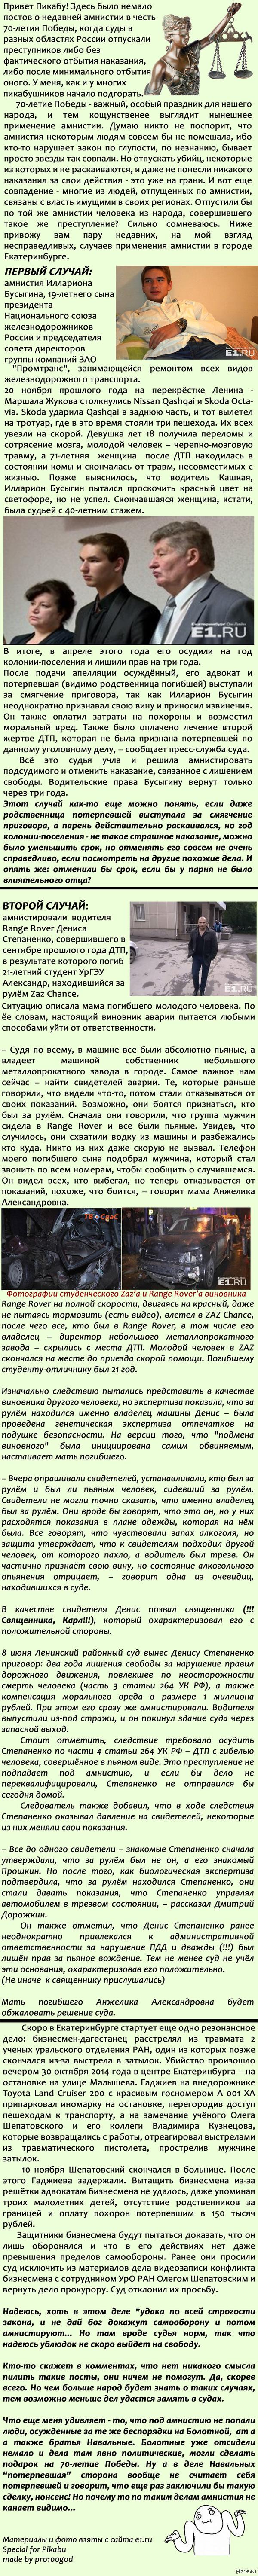 Убийц отпускают по амнистии в Екатеринбурге. Справедливо? В комментах оставлю ссылки на материалы с сайта е1, а также коммент для минусов (вдруг кому понадобится)